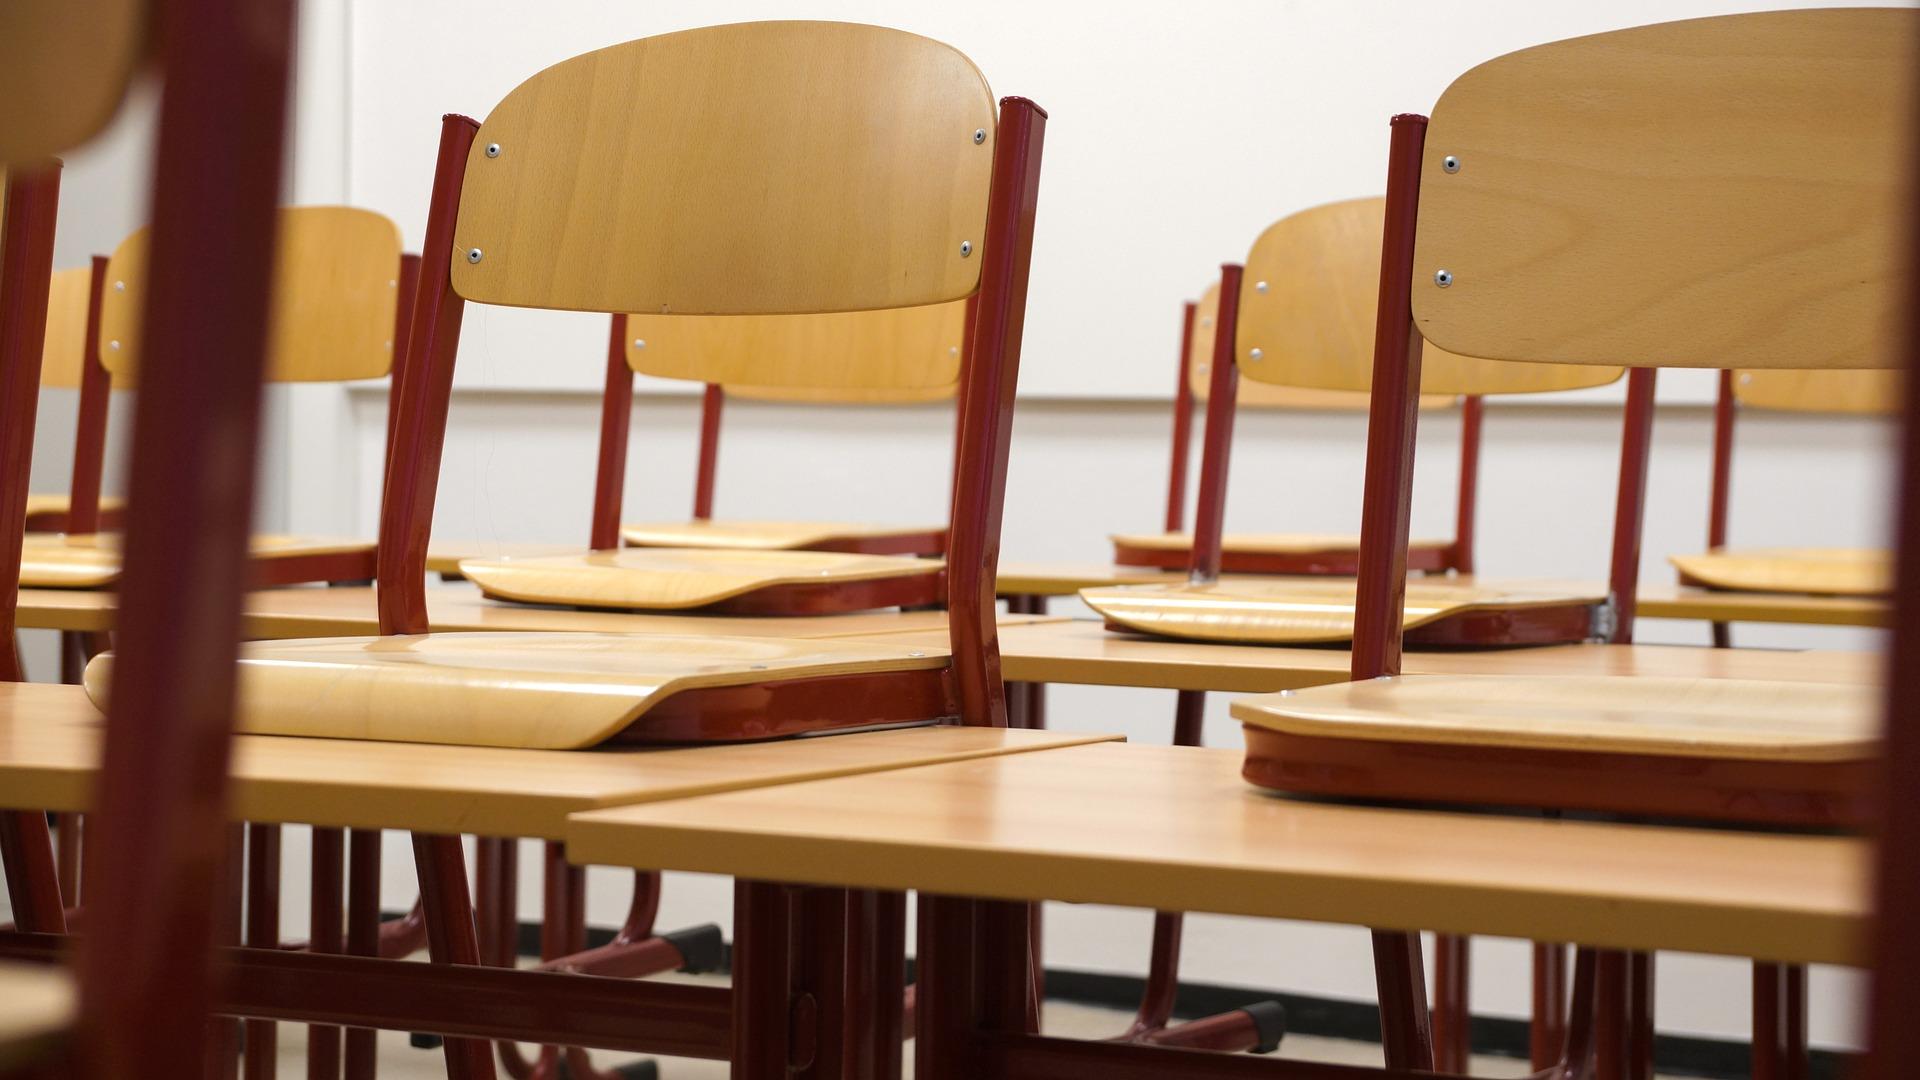 Tuolit nostettu pulpeteille luokassa